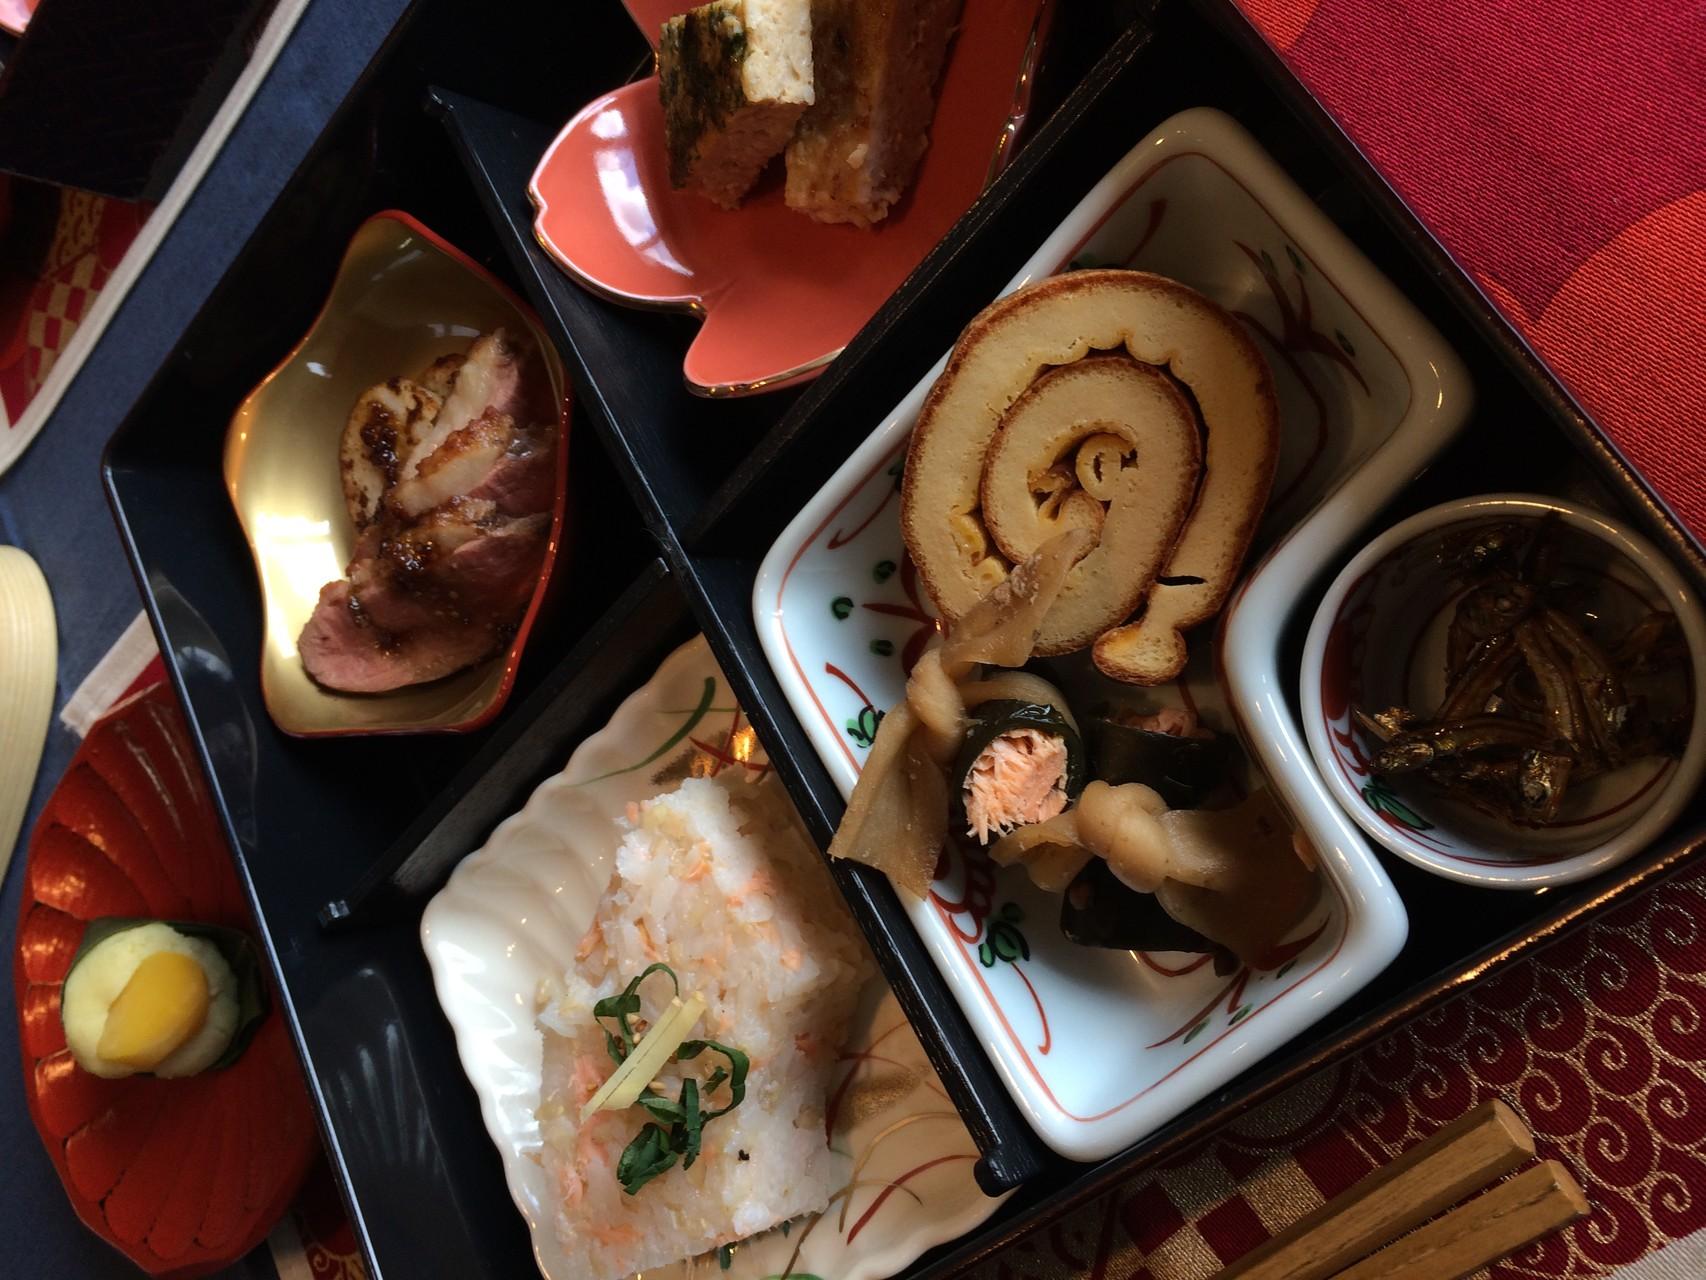 松華堂弁当でお楽しみいただきました